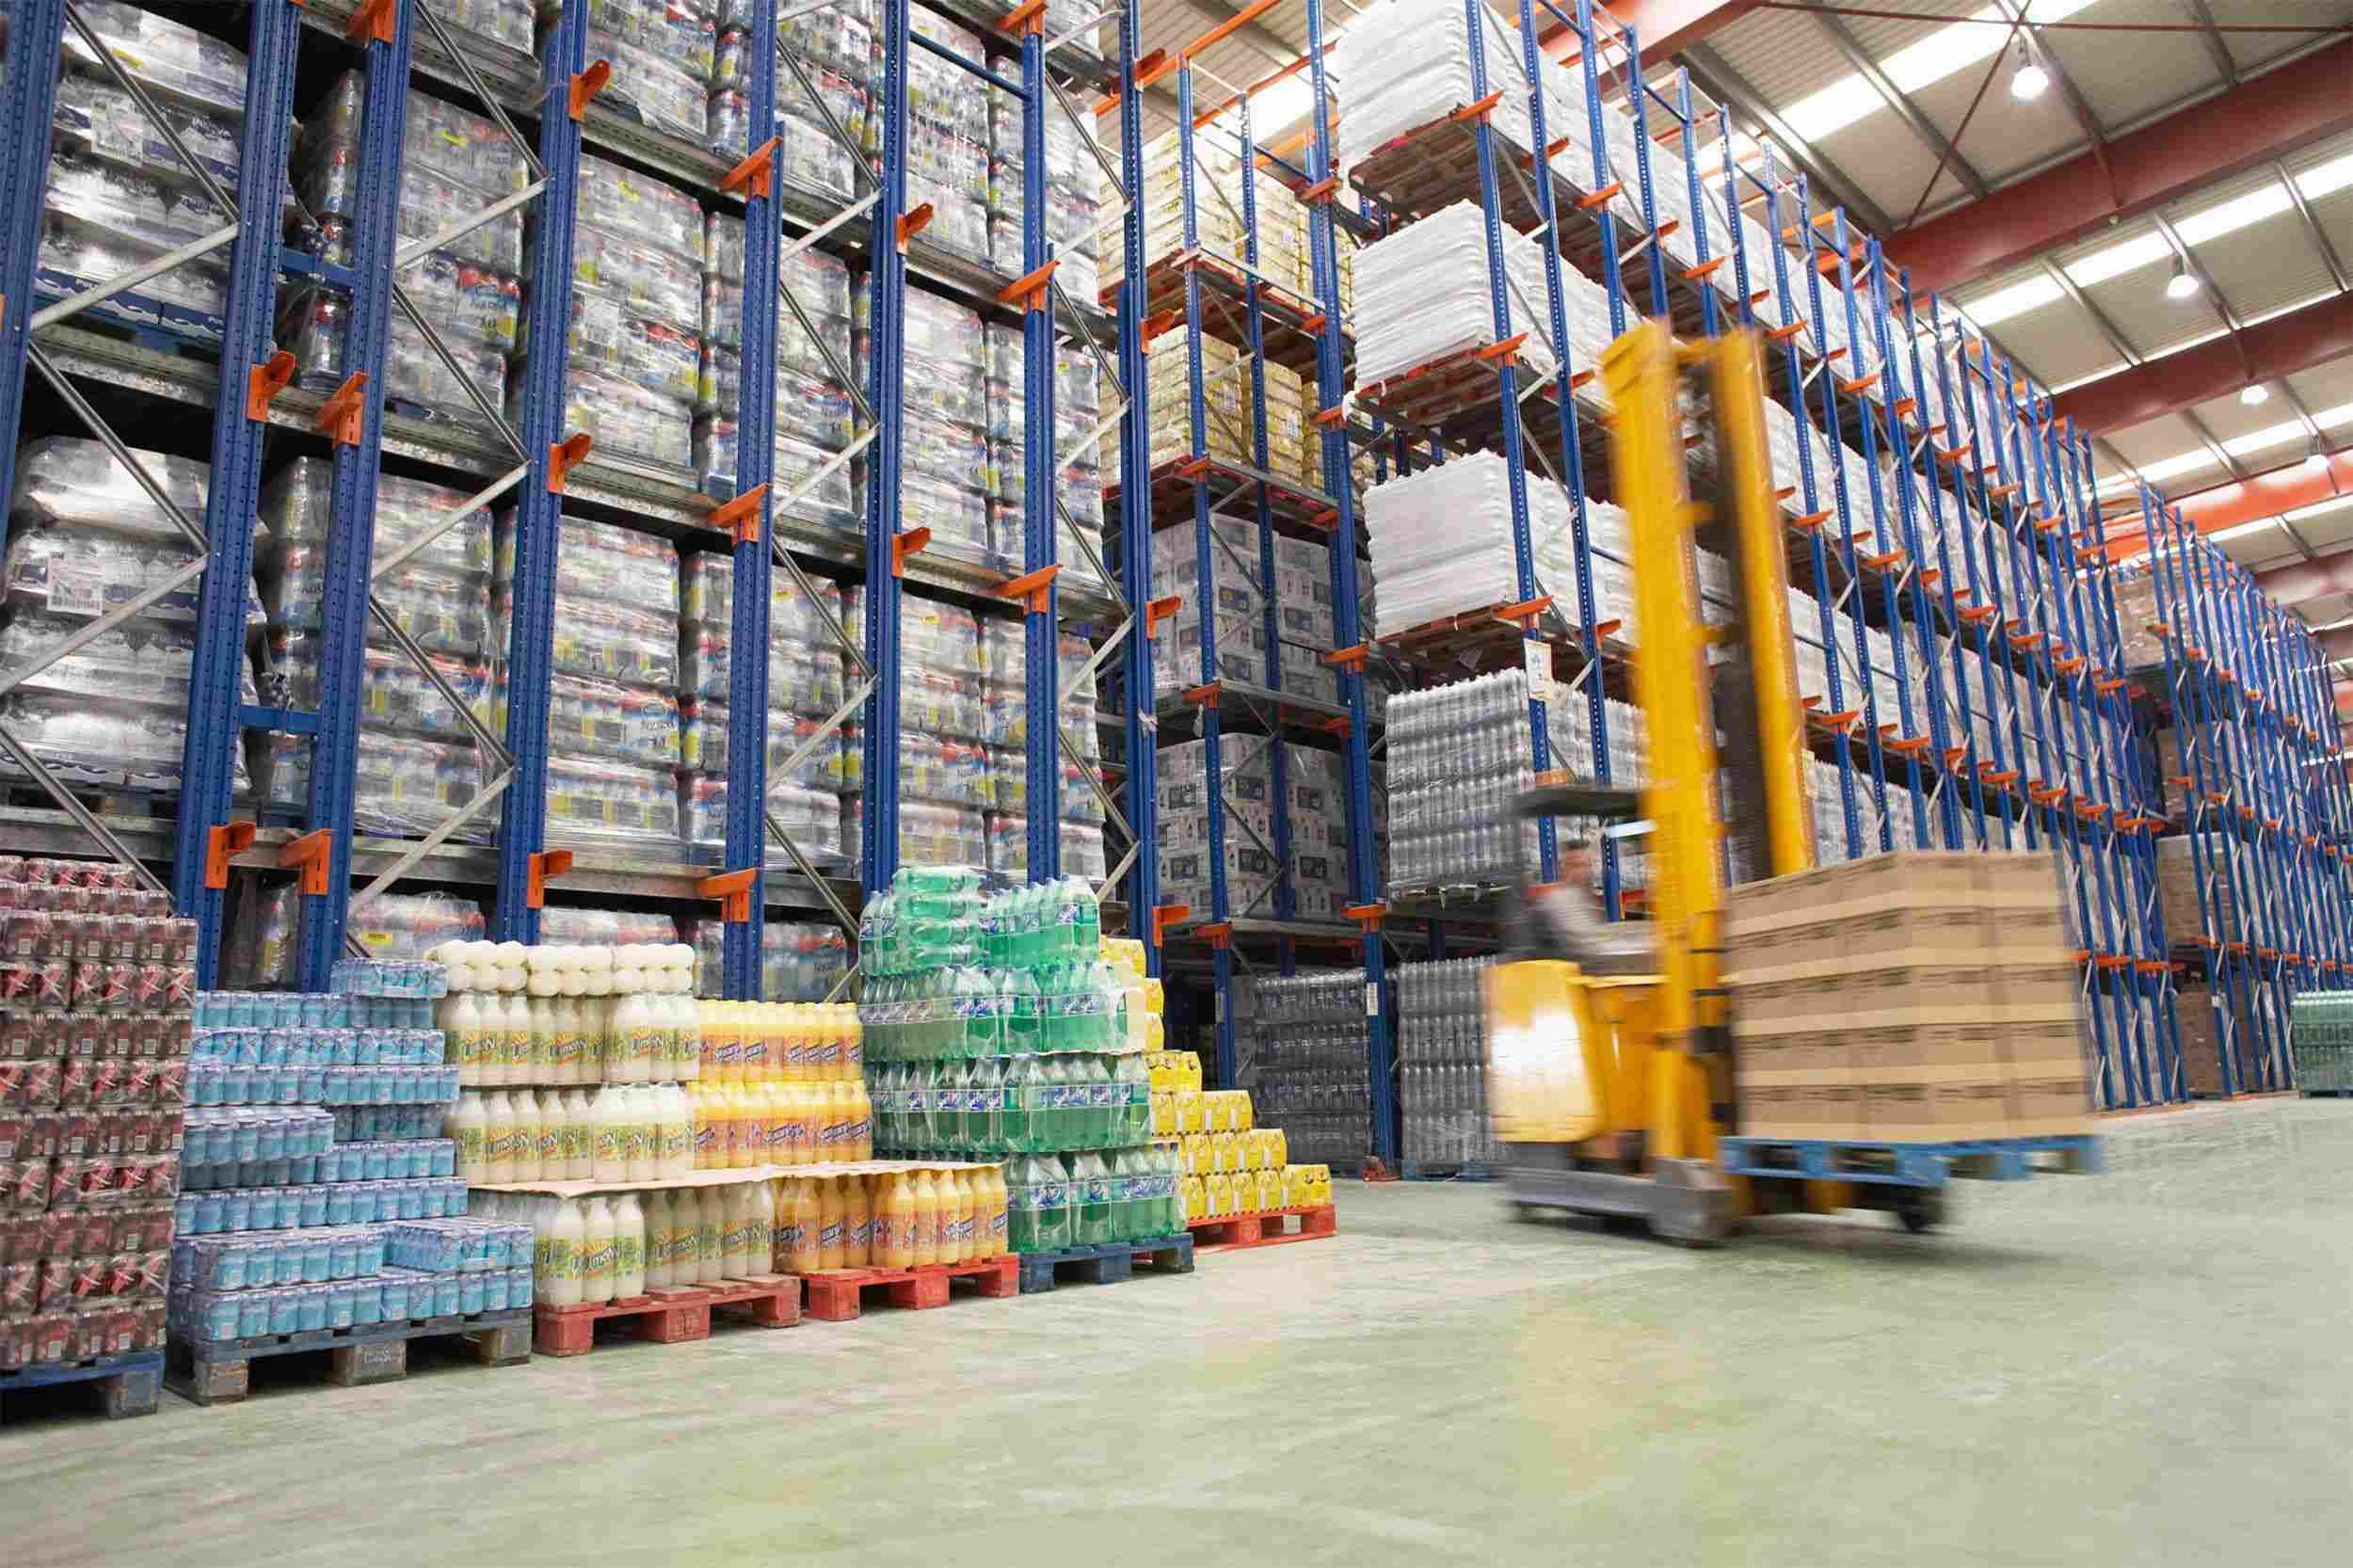 http://pfmireland.com/wp-content/uploads/2015/09/Warehouse-and-lifter.jpg